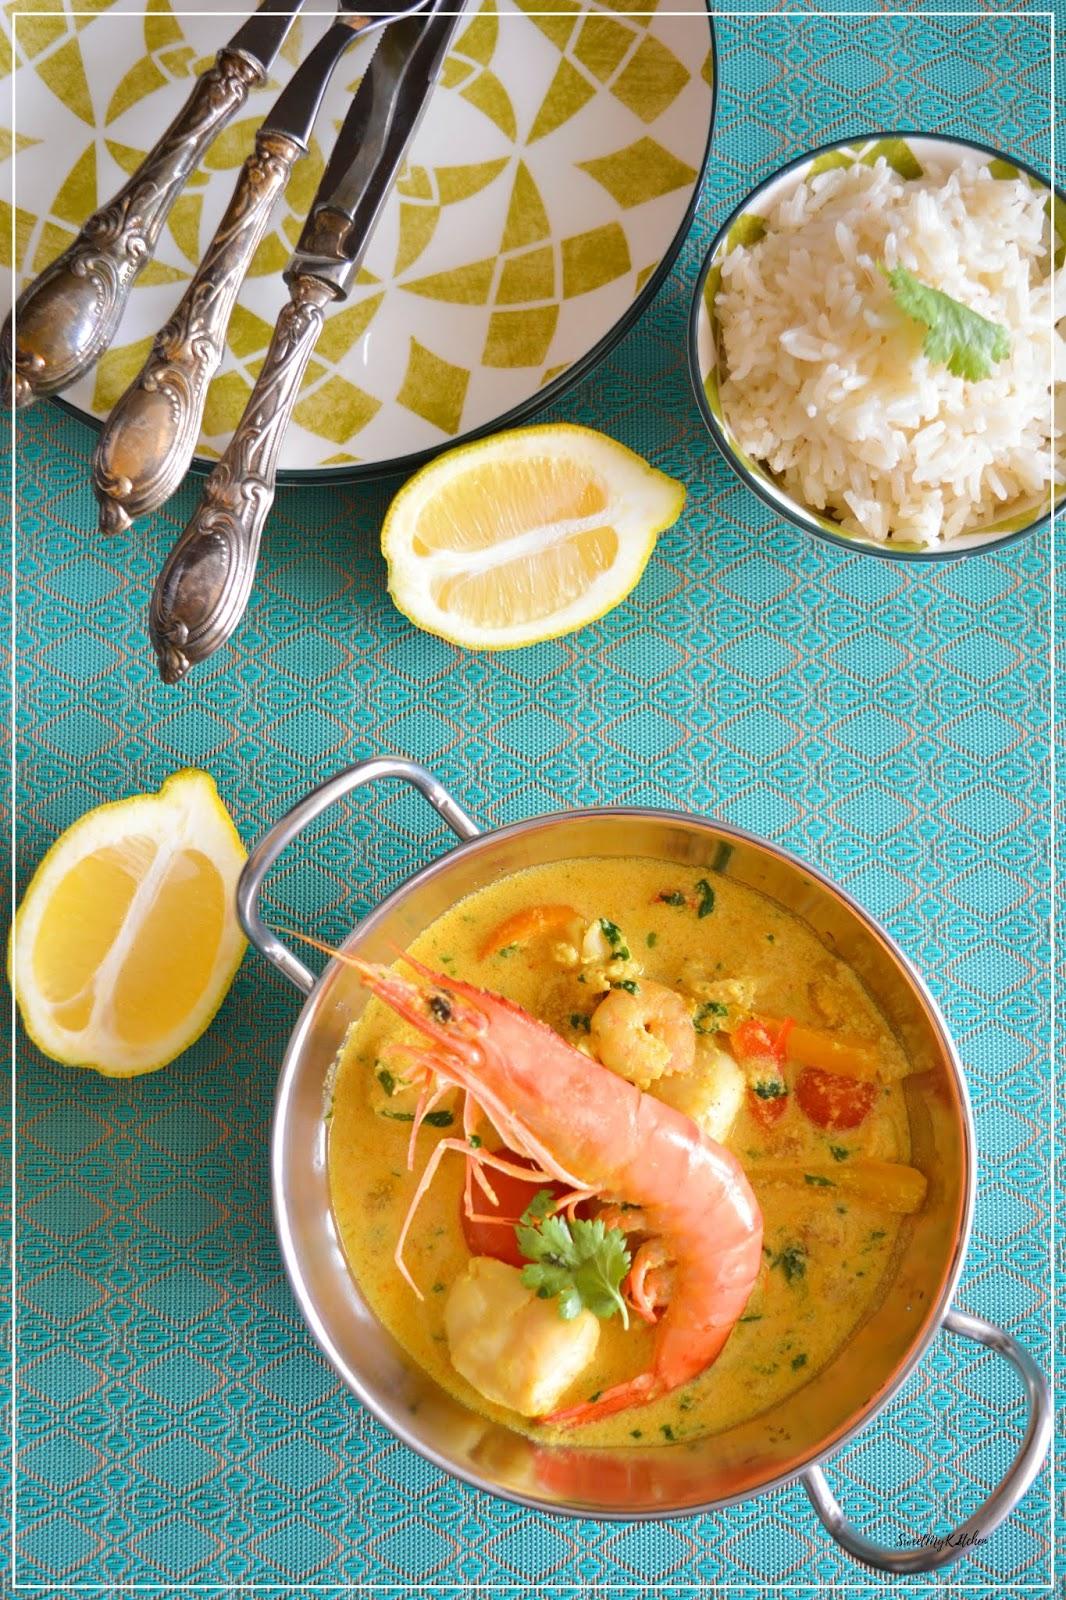 Caril de peixe e camarão